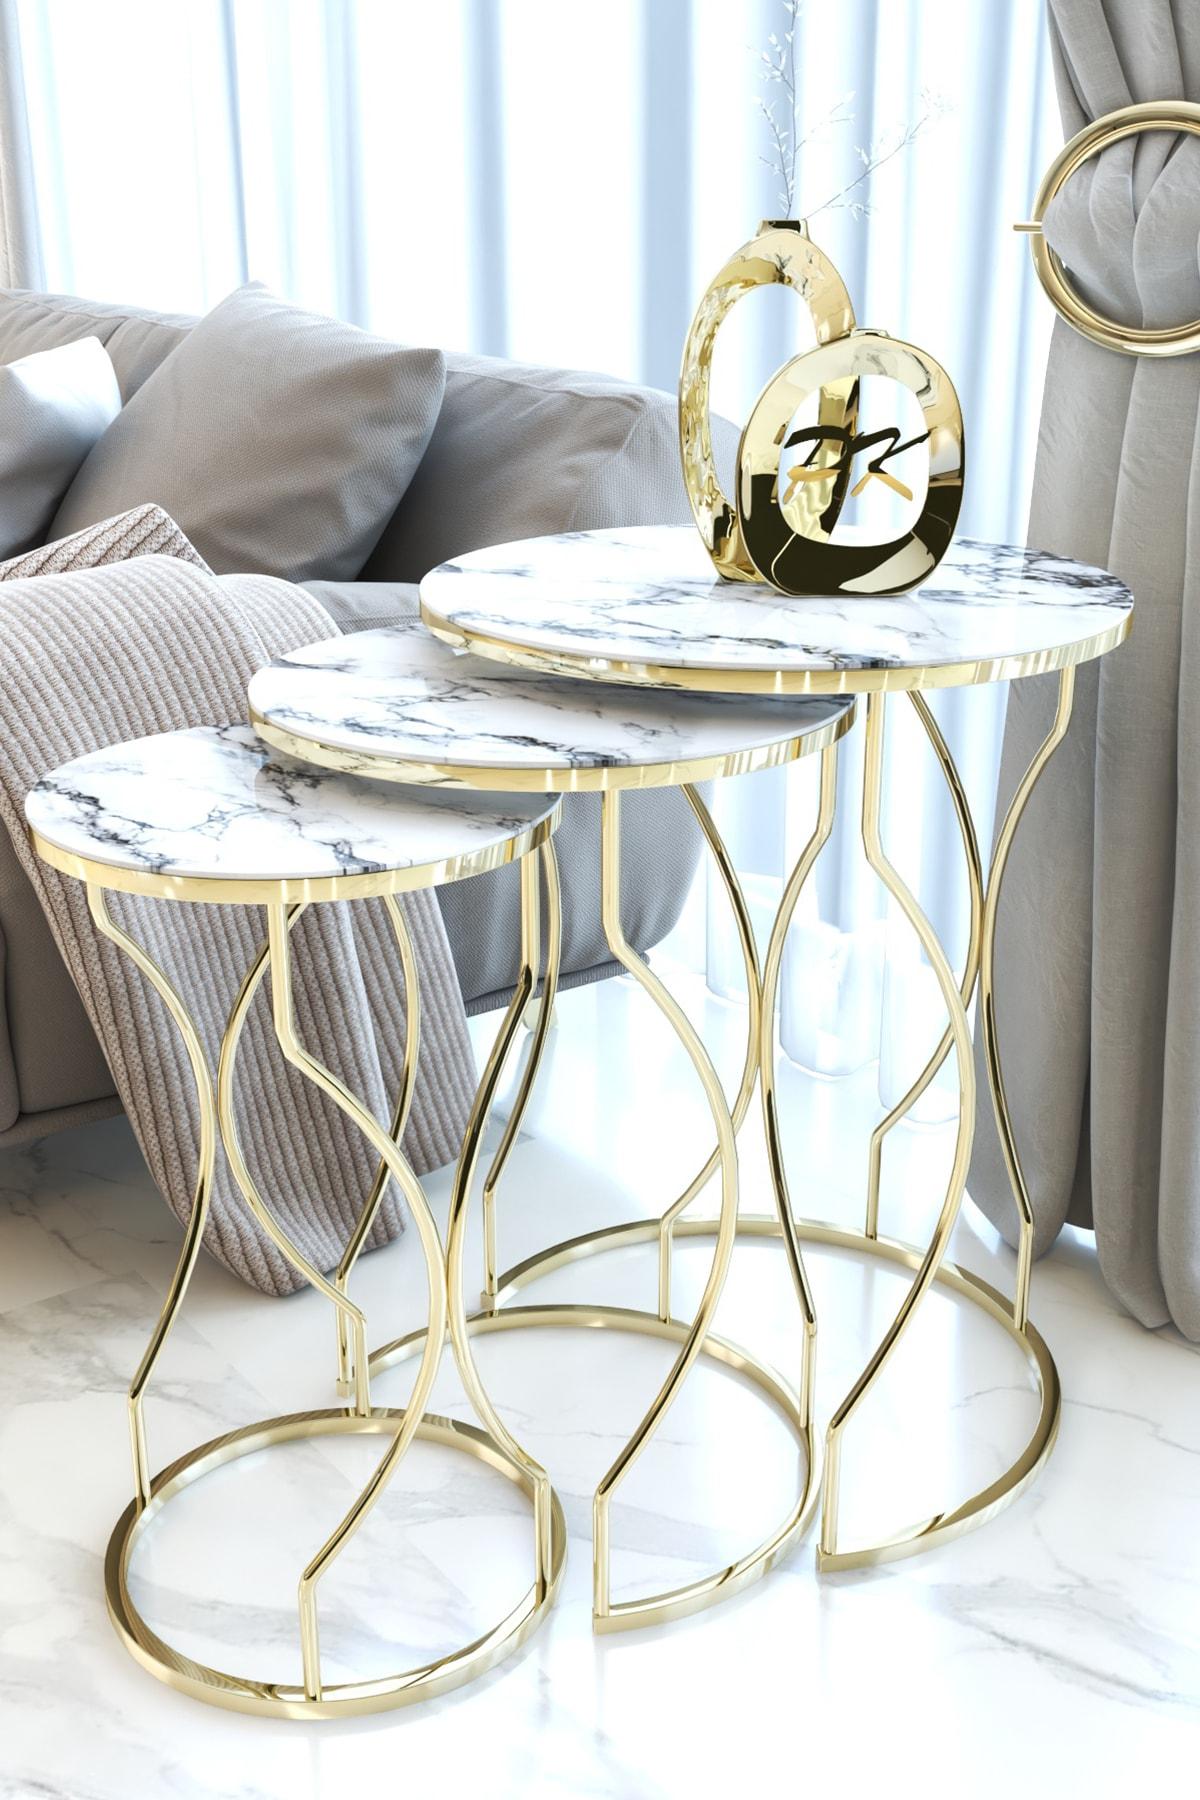 Kırılmaz Camlı Gold Rüya Model Zigon Sehpa Takımı ( Beyaz Mermer Desenli)